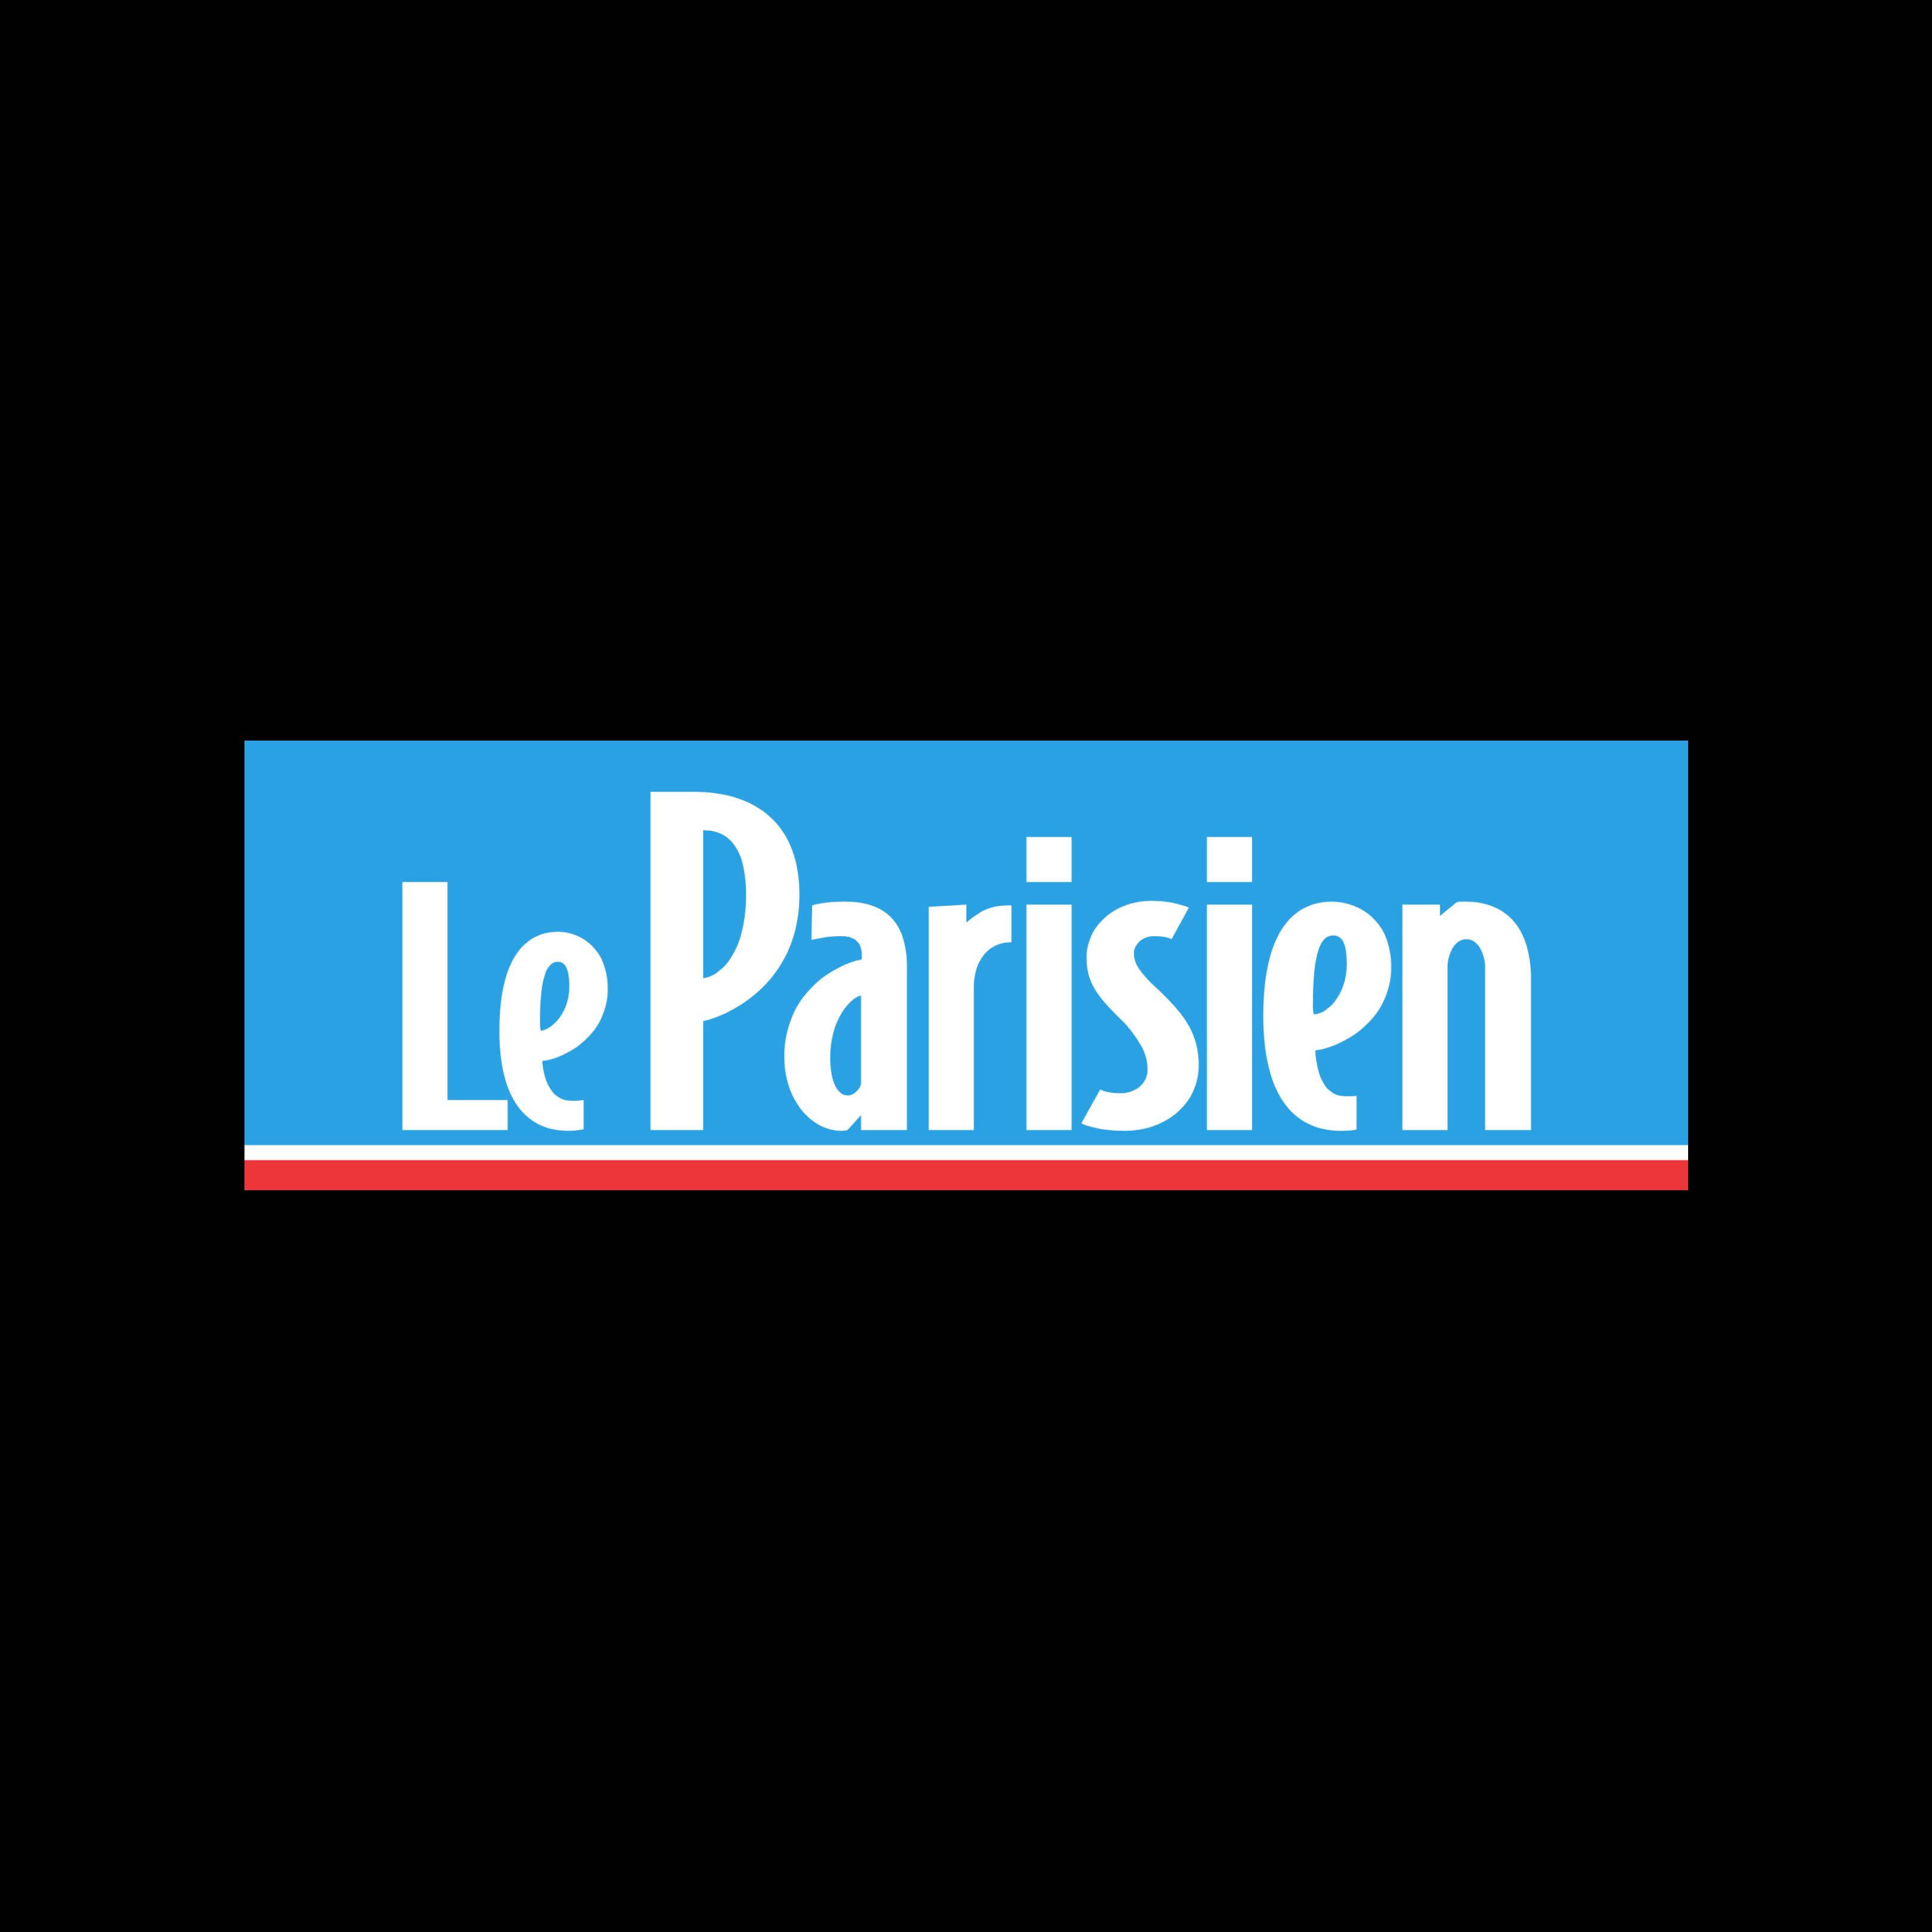 Le parisien logo png